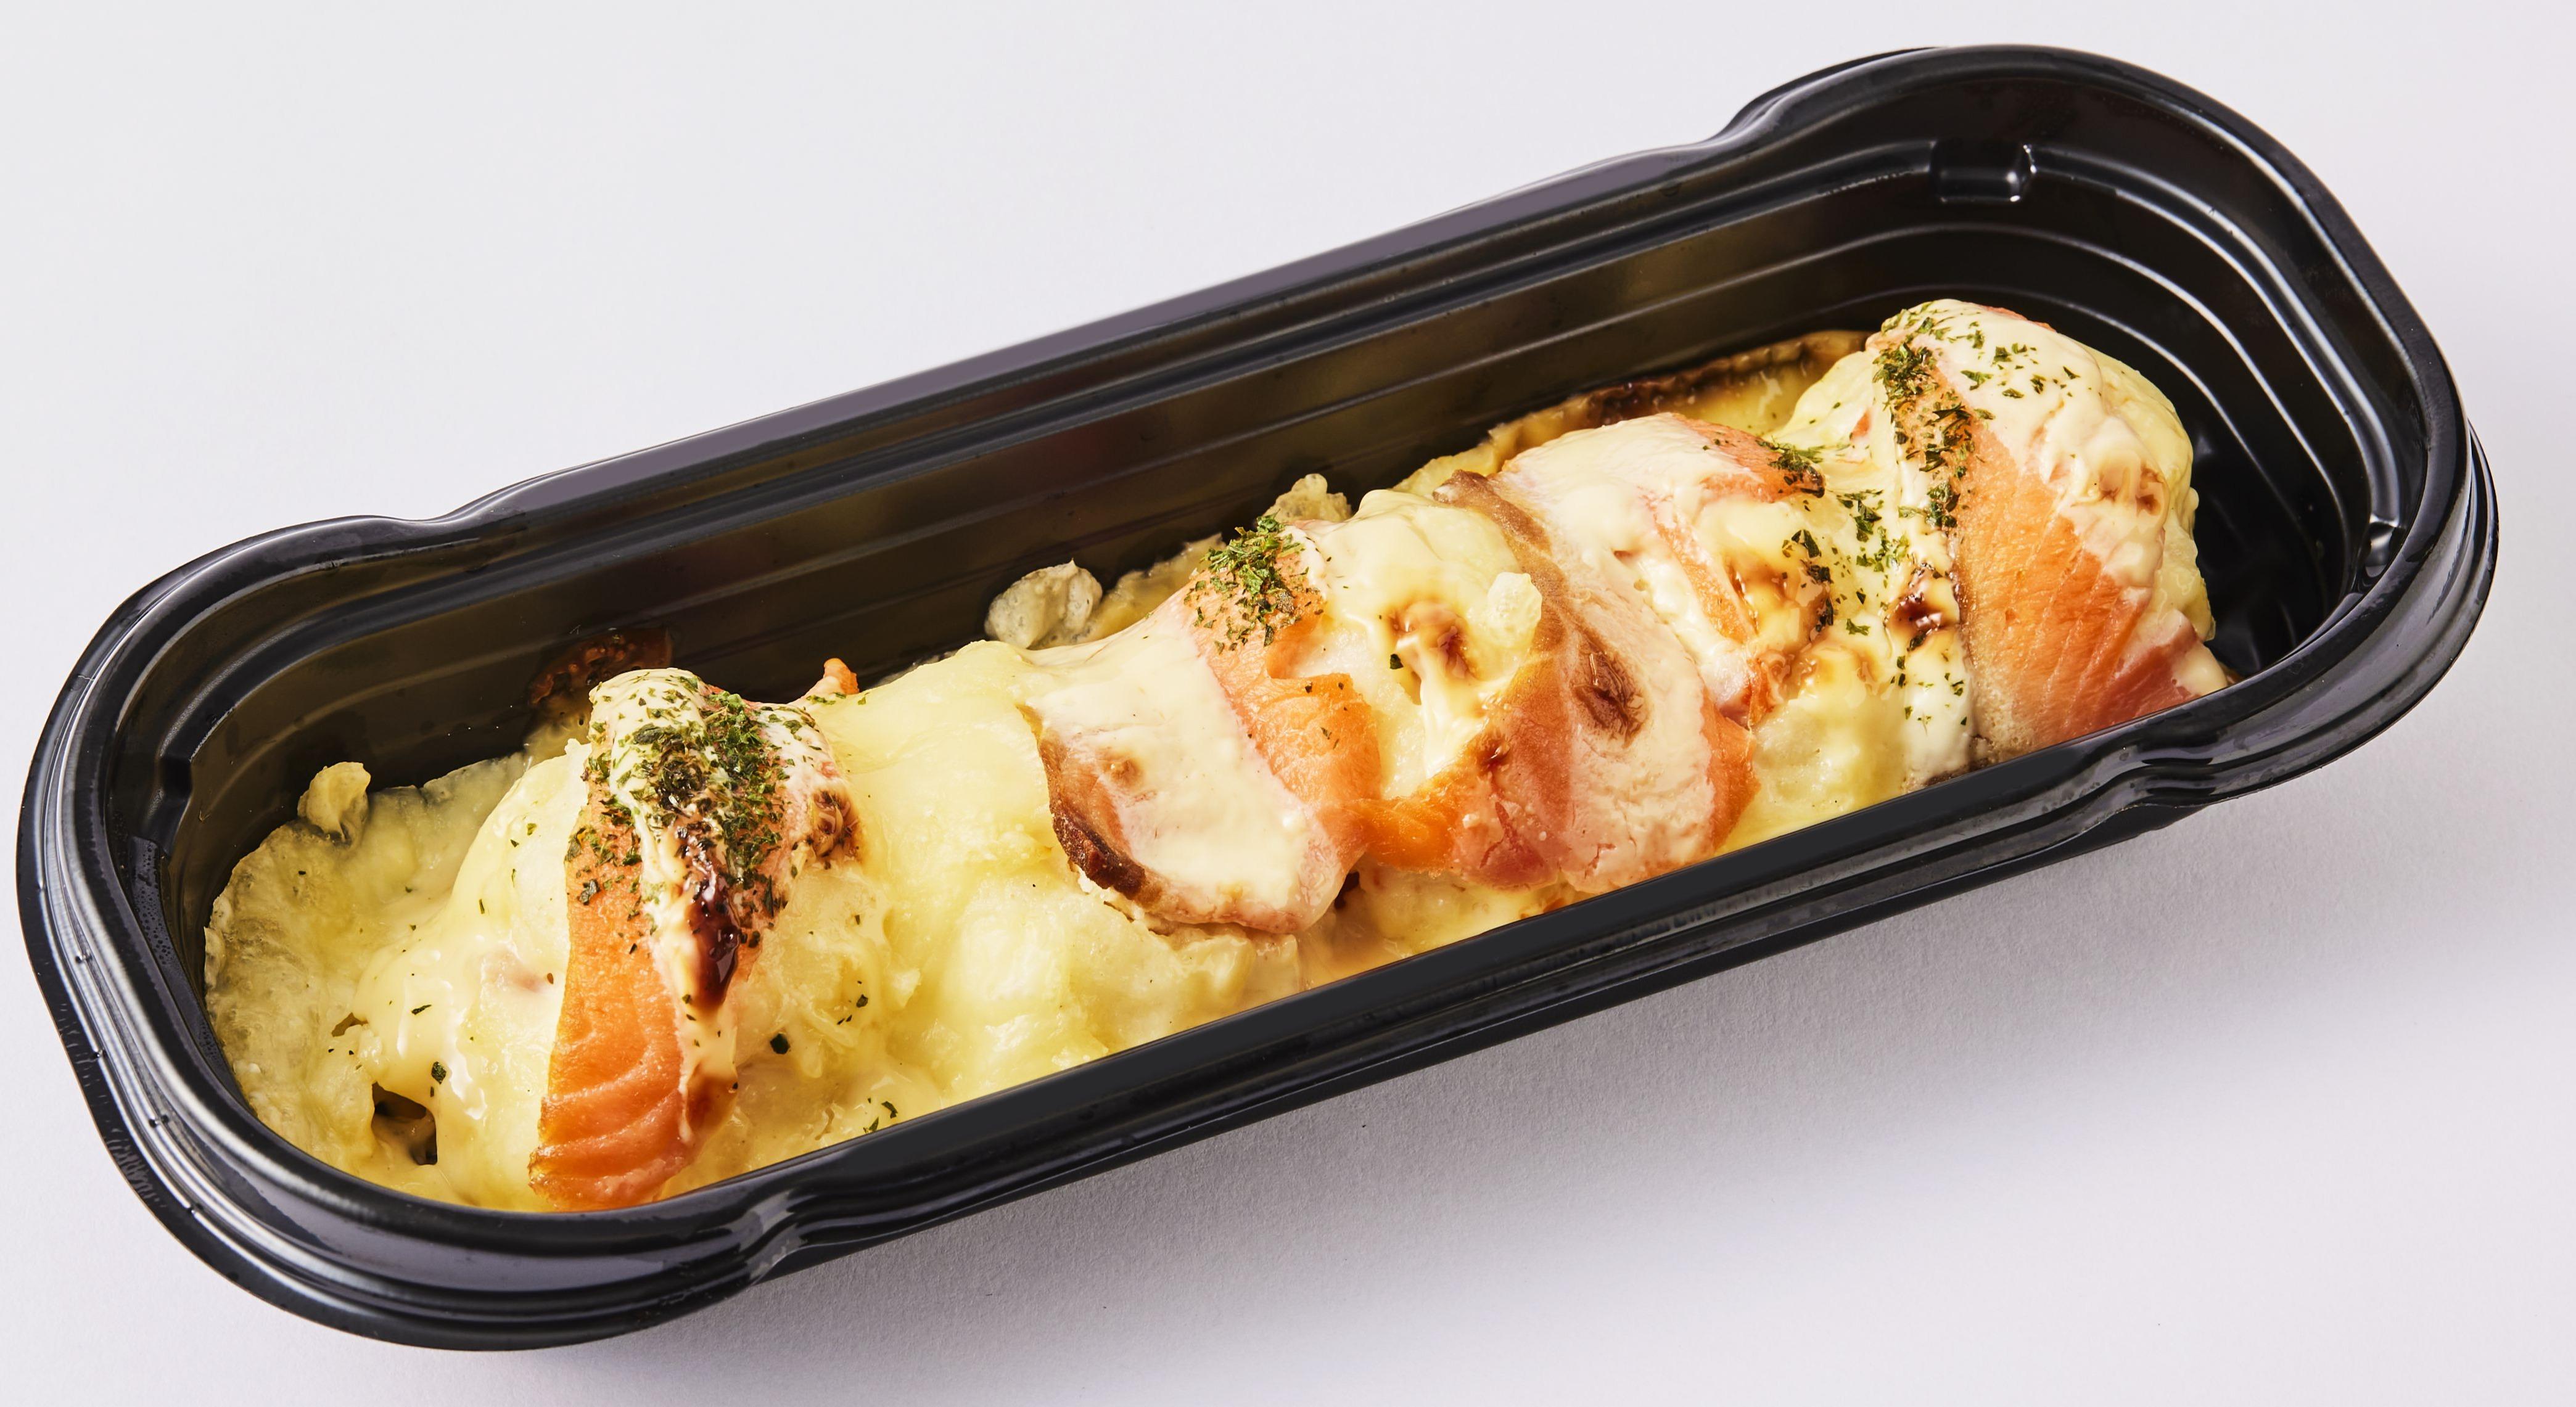 スモークサーモンのポテトチーズ焼き 398円(税込)